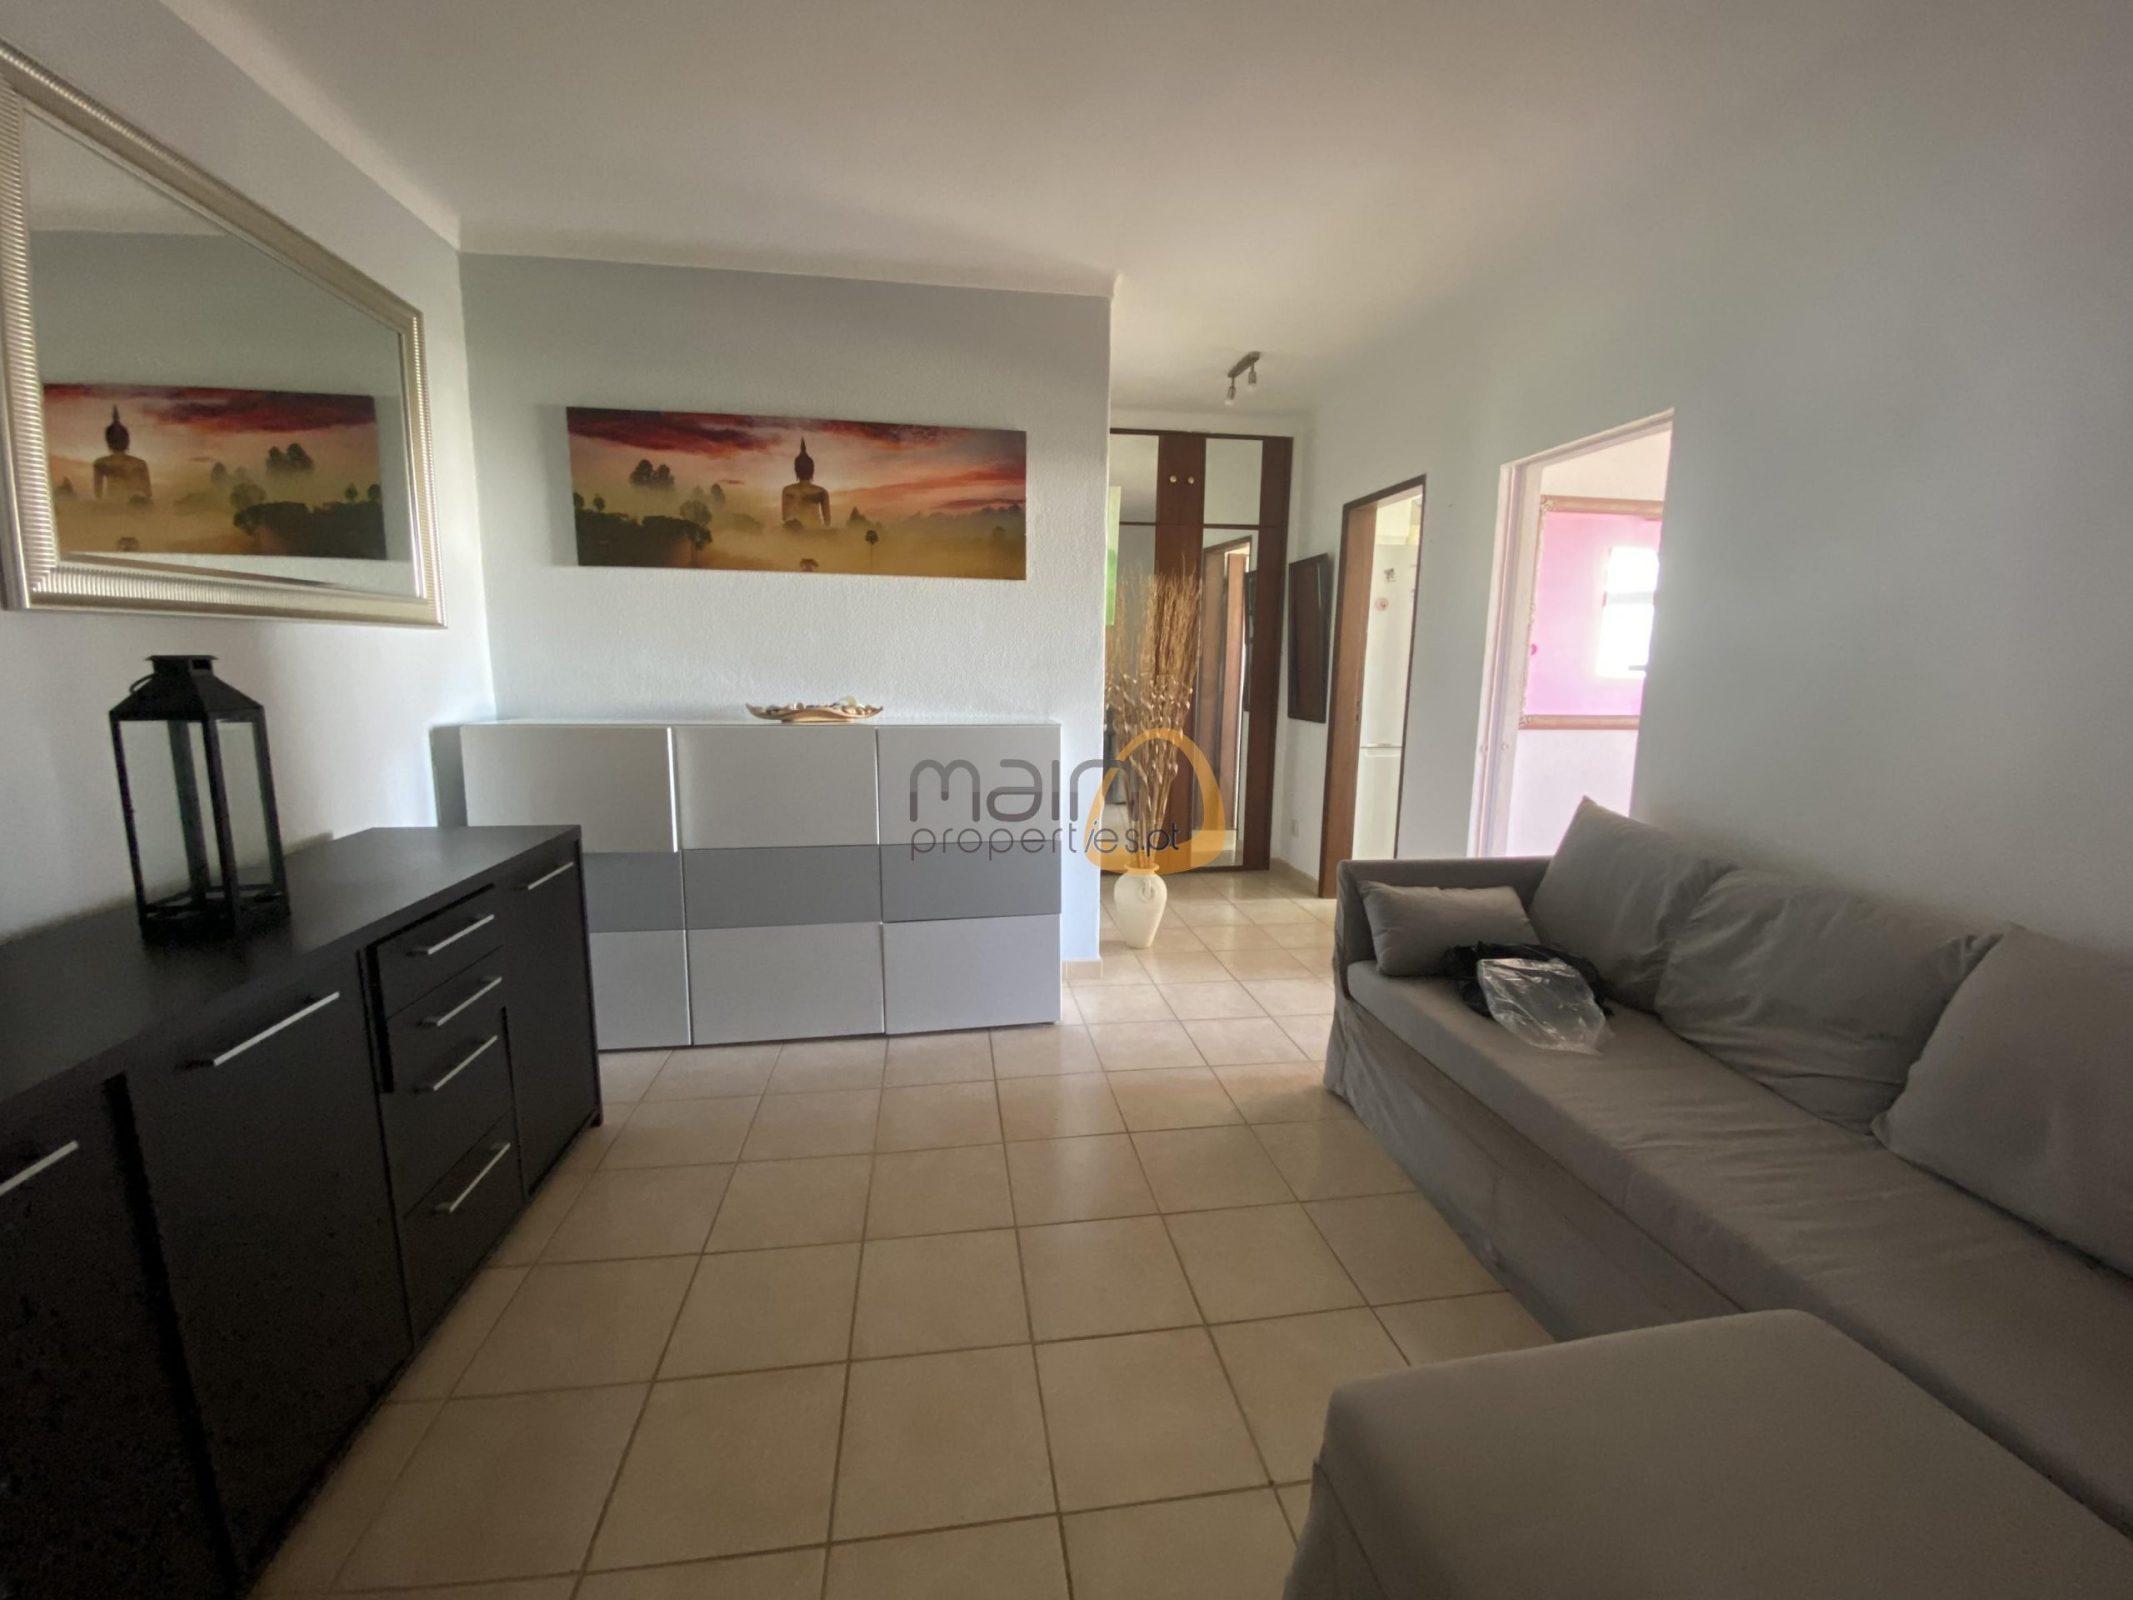 Apartamento de 1 quarto próximo da praia, em Quarteira.